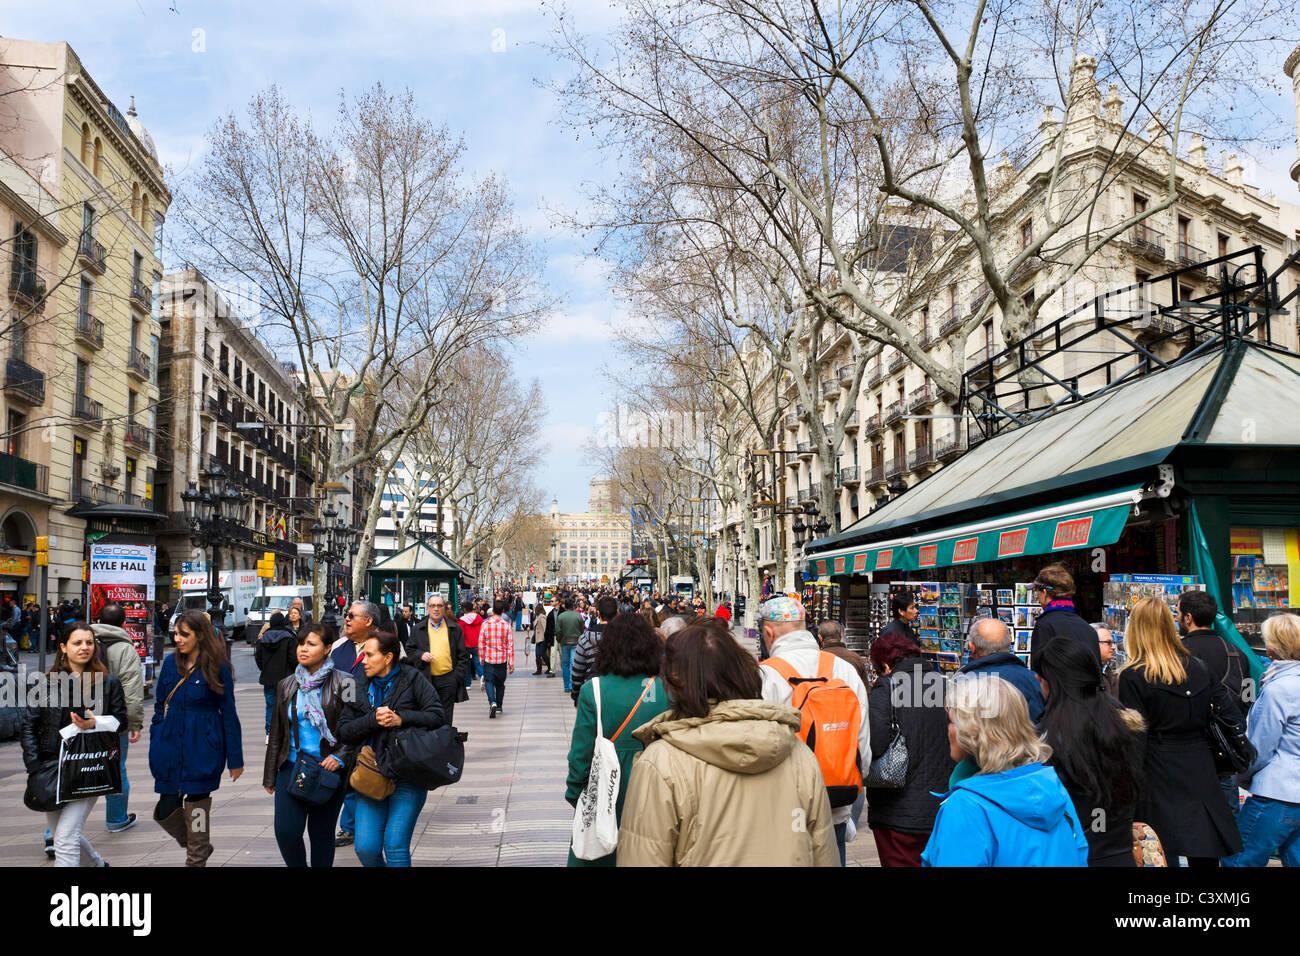 La Rambla (Las Ramblas) in early spring/late winter, Barcelona, Catalunya, Spain - Stock Image